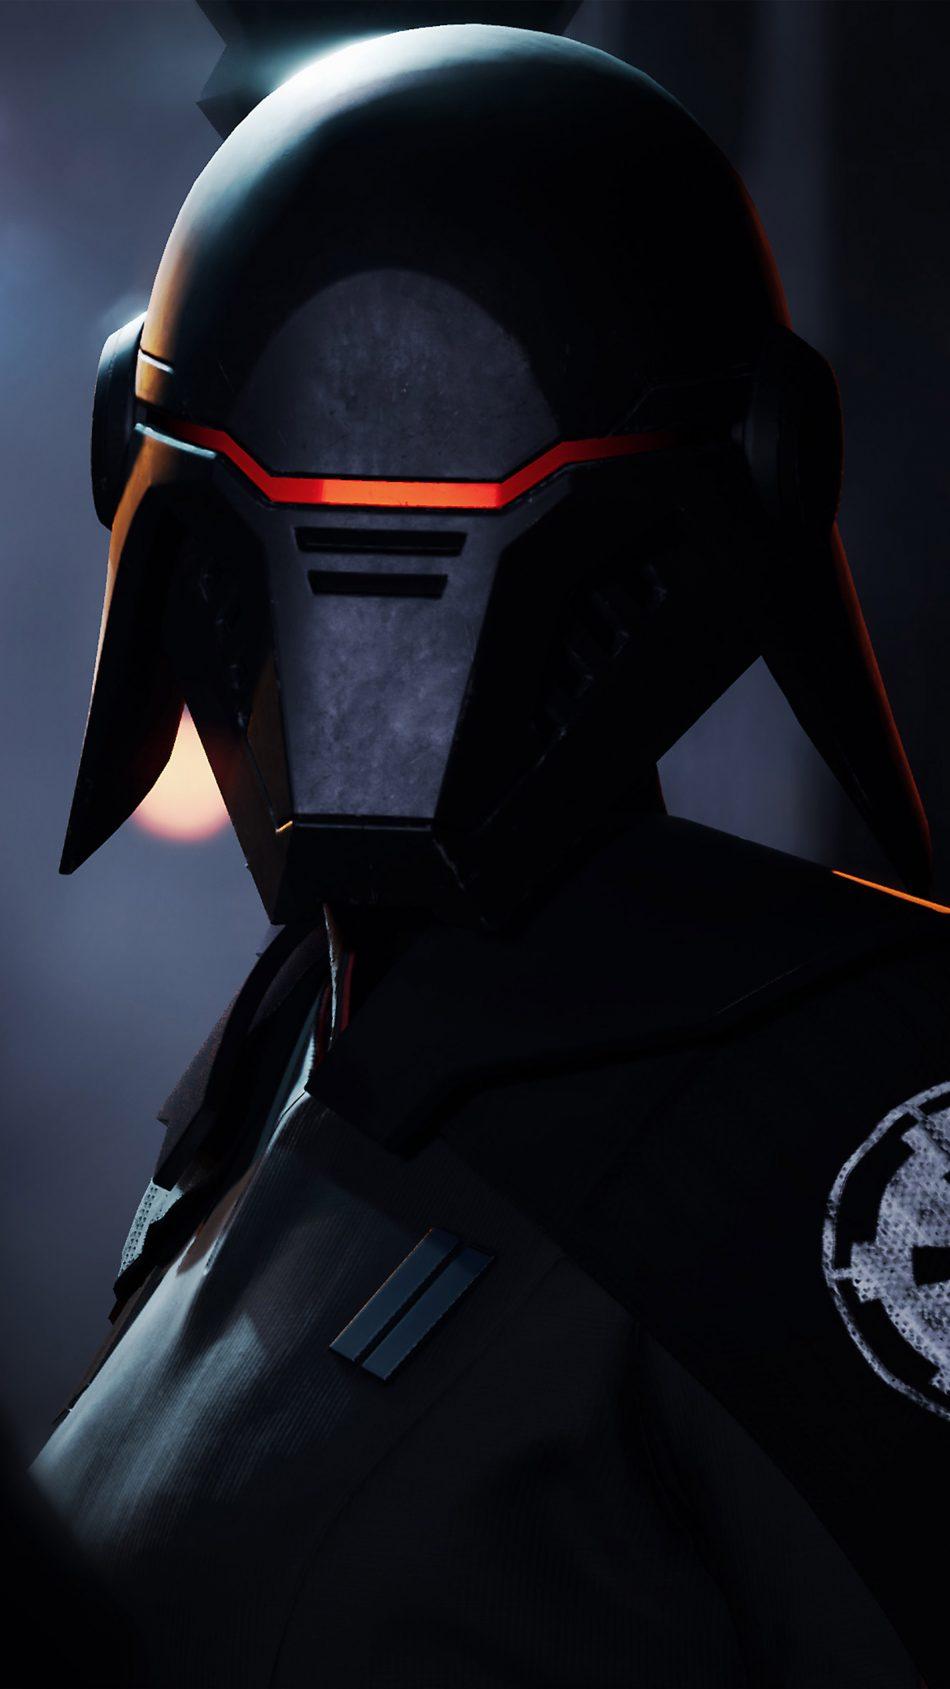 Second Sister Star Wars Jedi Fallen Order 2019 4K Ultra HD Mobile Wallpaper